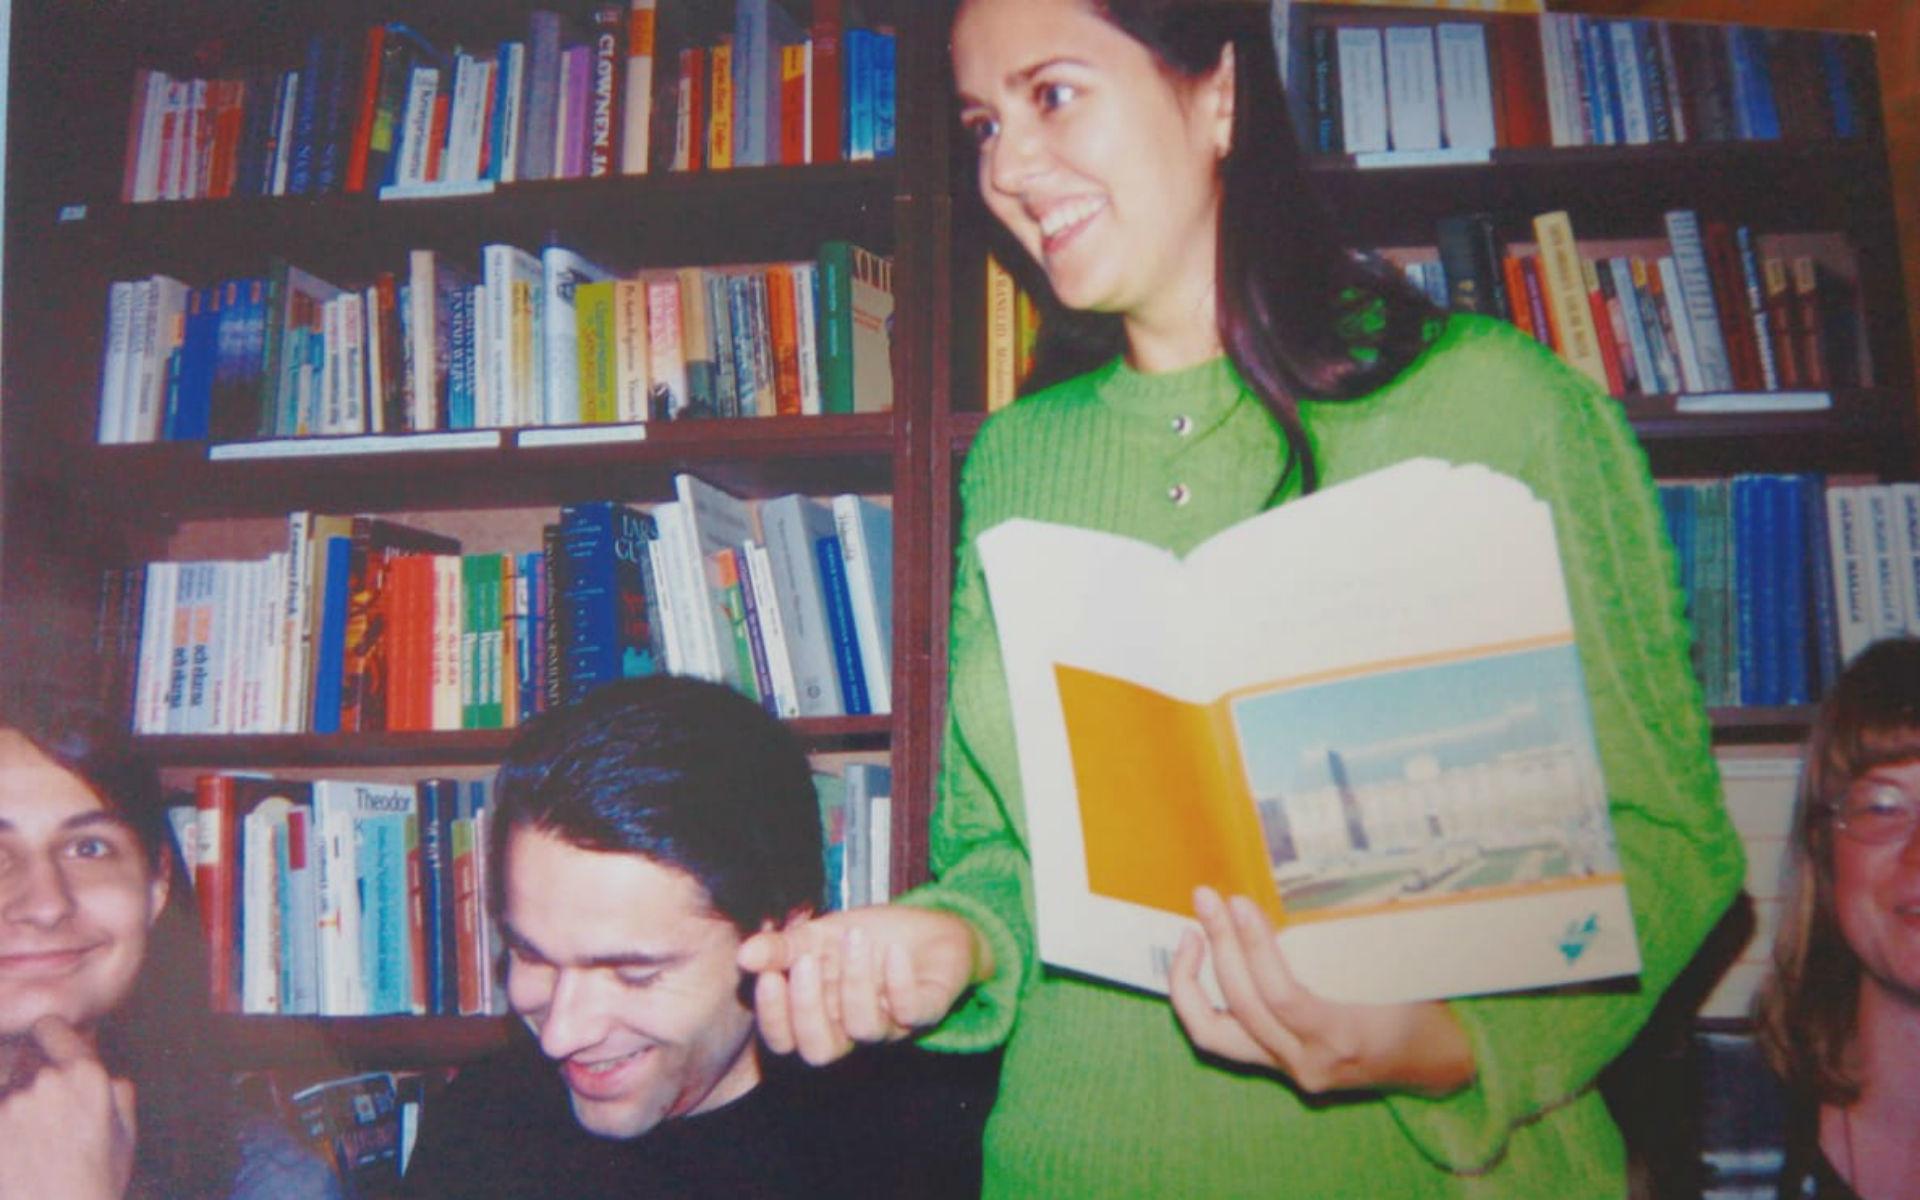 La joie semblait régner lors des cours de breton d'Anna Mouradova (au centre), à l'Université d'État de Moscou, en 1997.